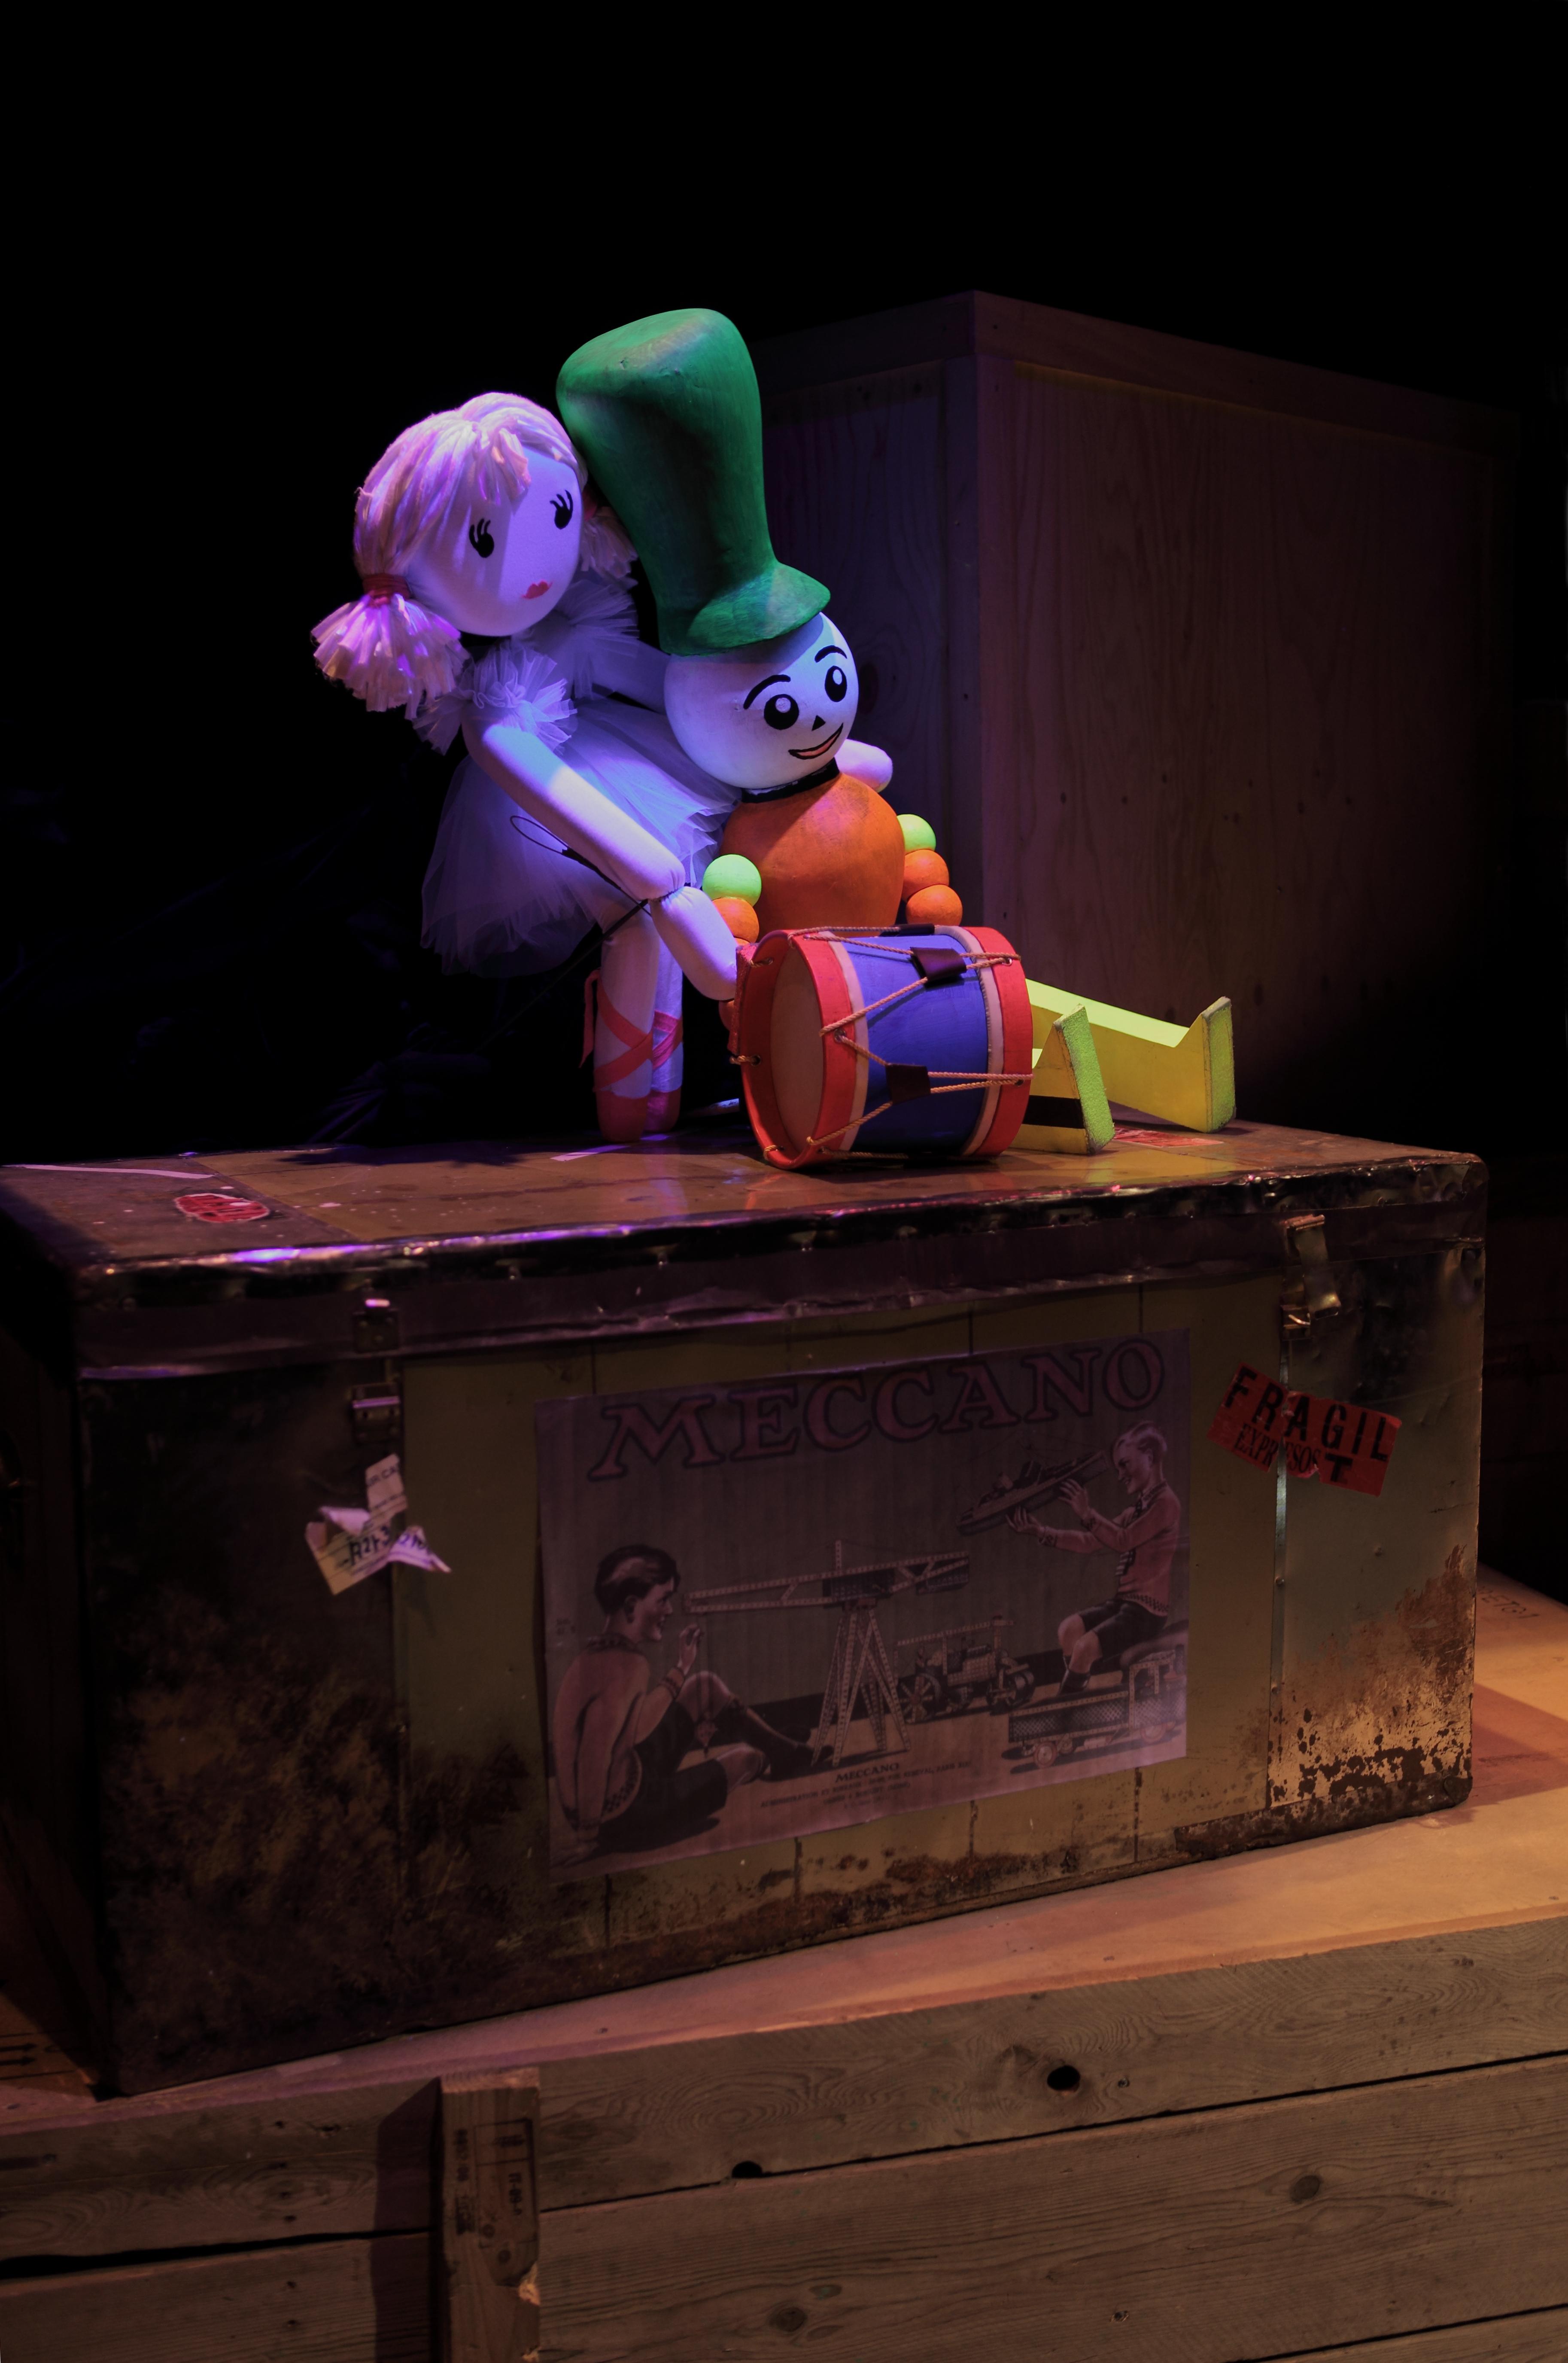 Imagen del espectáculo - La caja de los juguetes